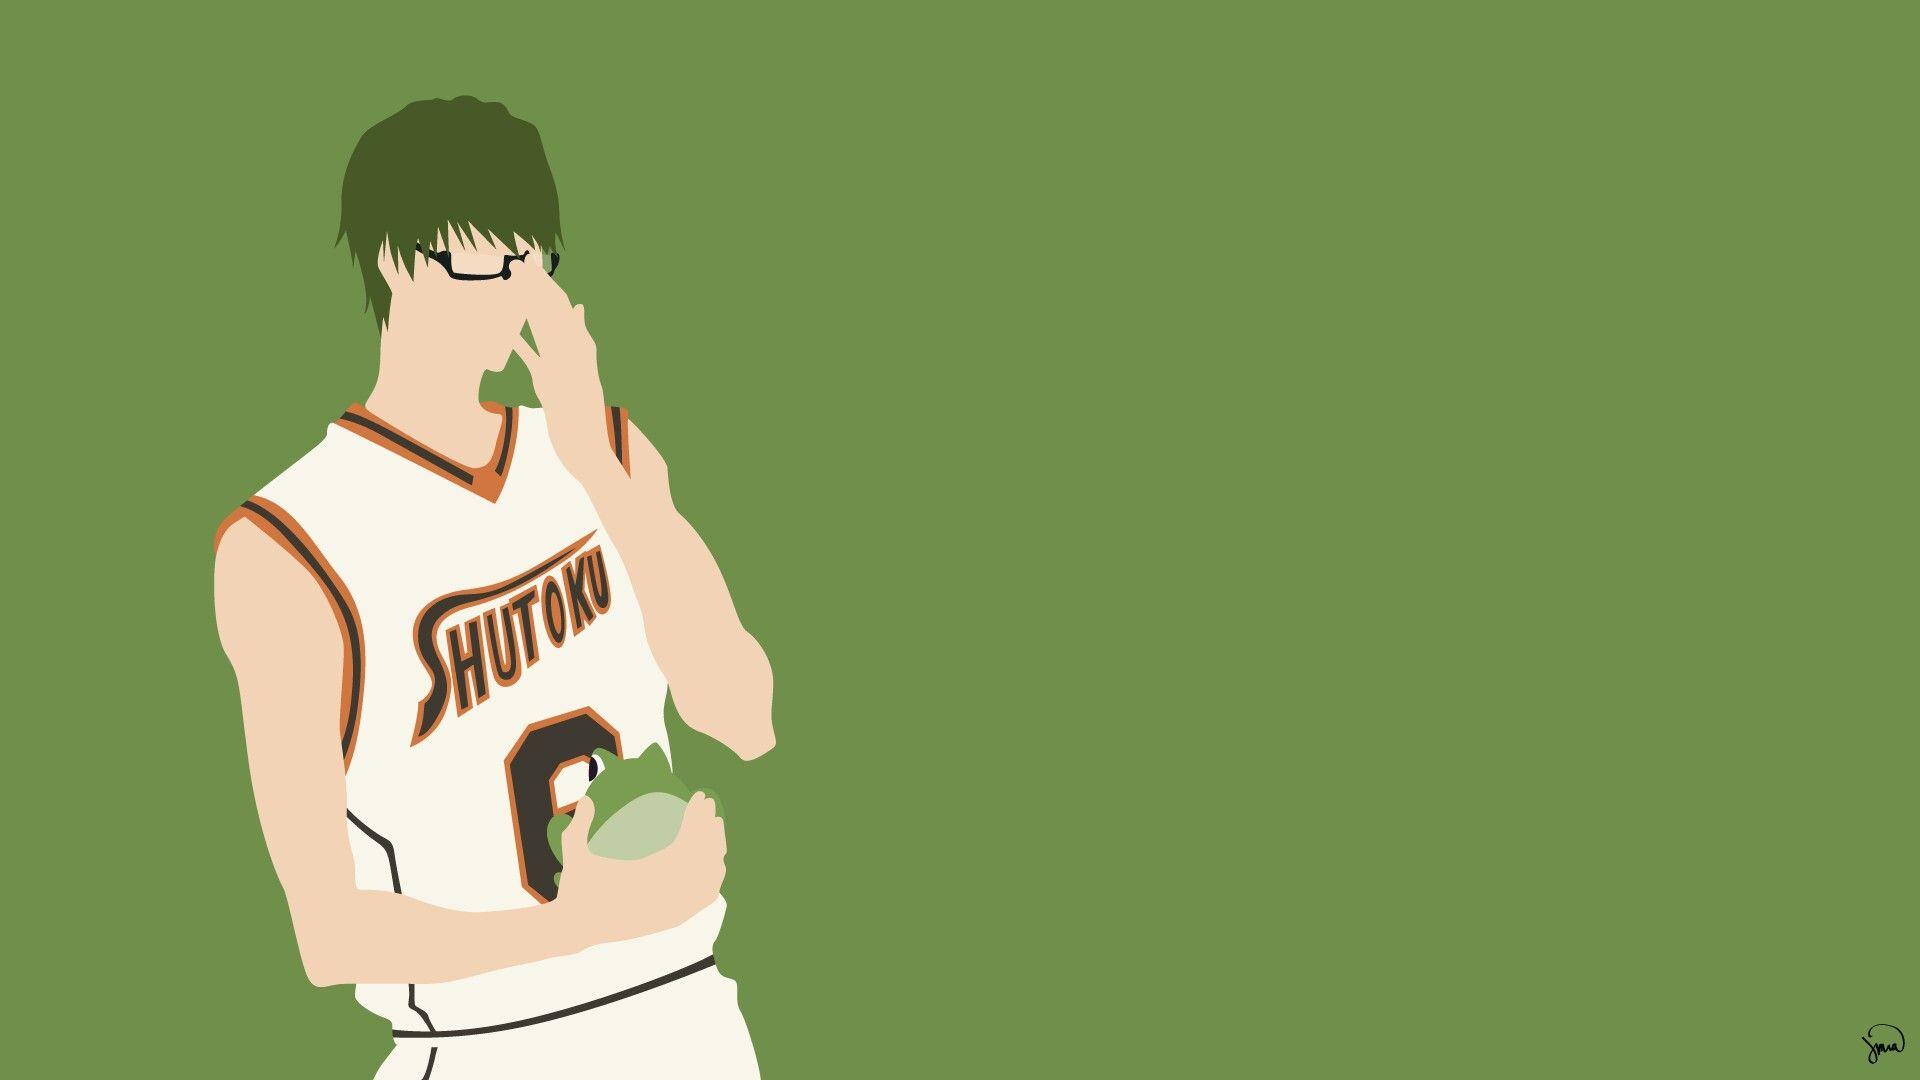 From Kuroko No Basket Good Gracious Xmagic Xninjax S